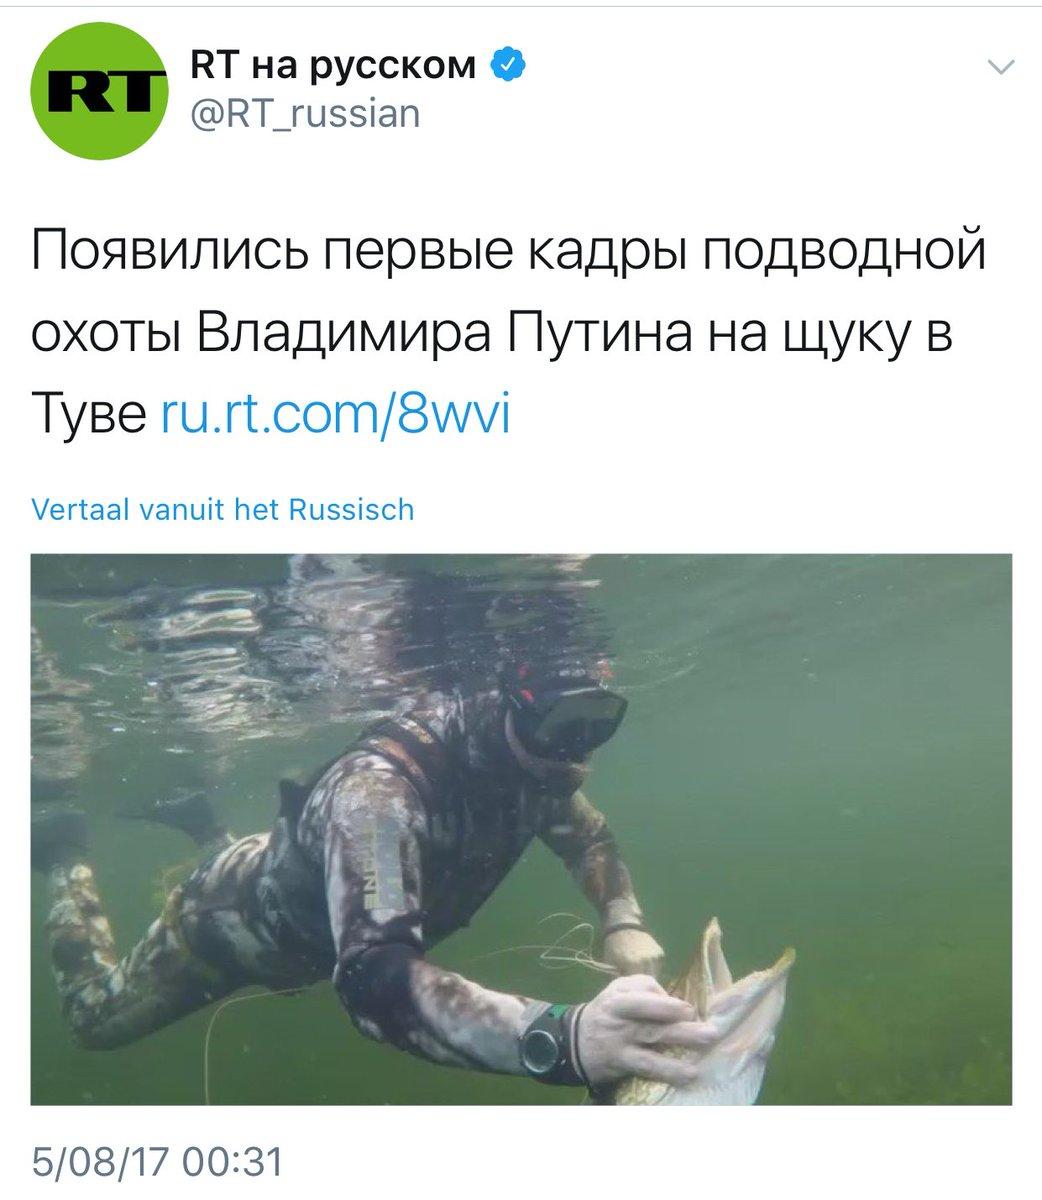 Нацполиции не хватает 15 тысяч сотрудников, - Варченко - Цензор.НЕТ 520